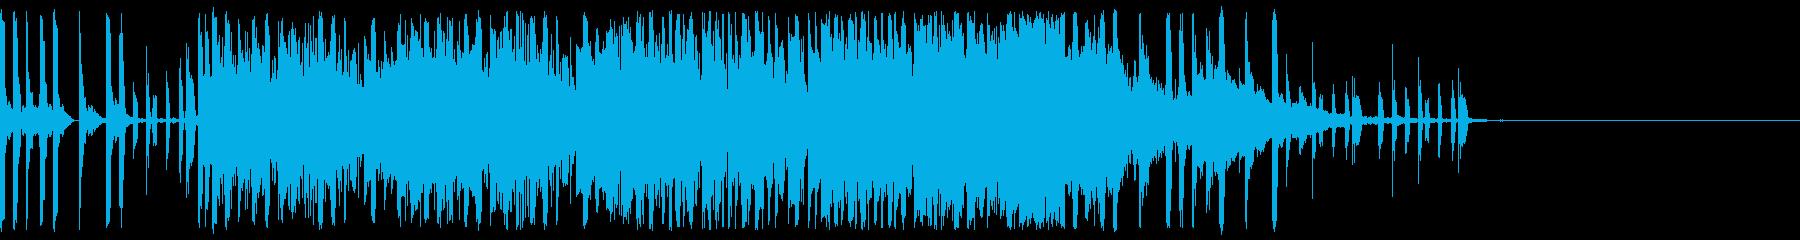 登場場面のジングル(明るい)の再生済みの波形